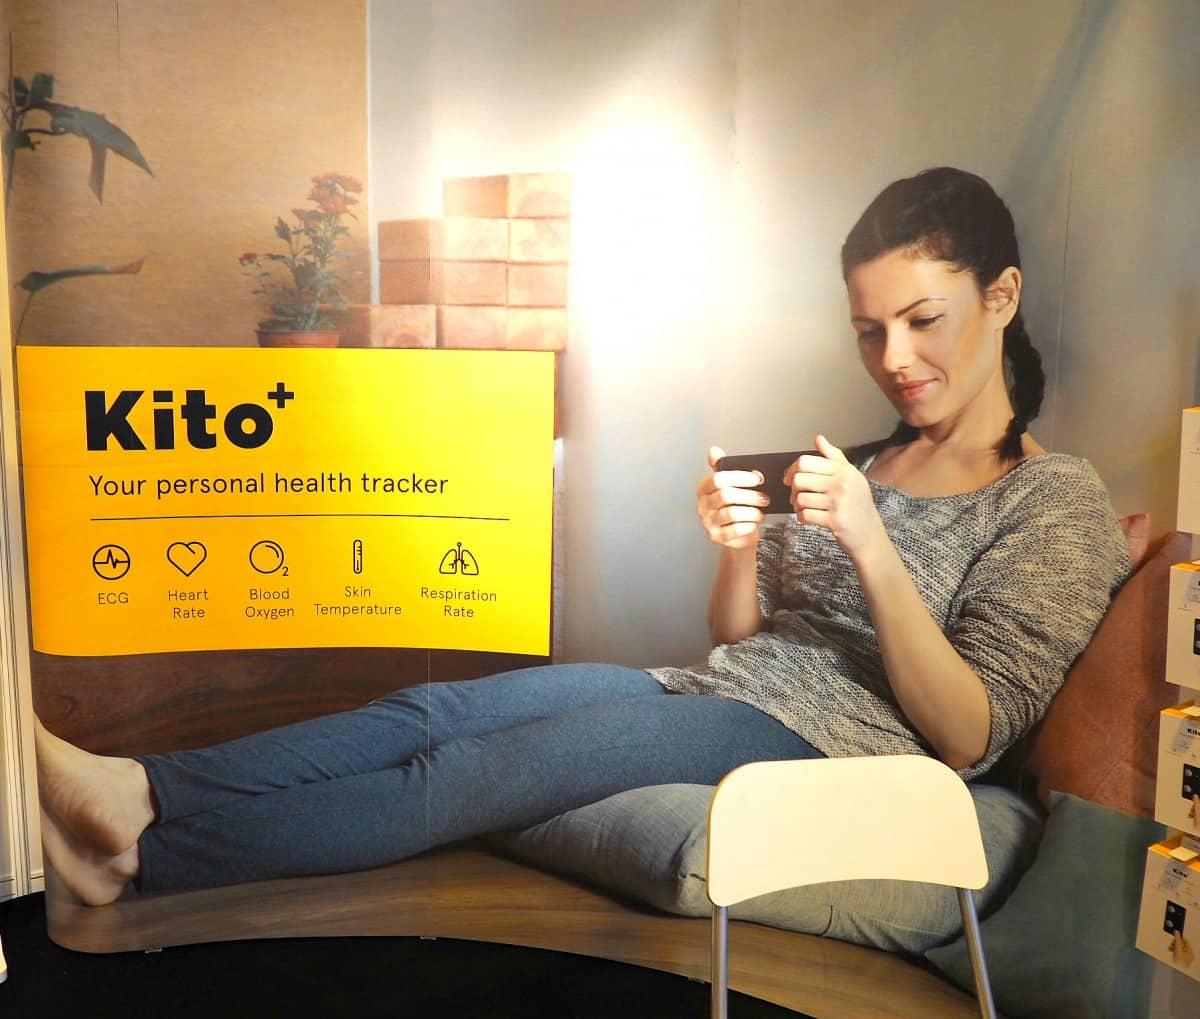 kito, kito+ gadget show, health tracker